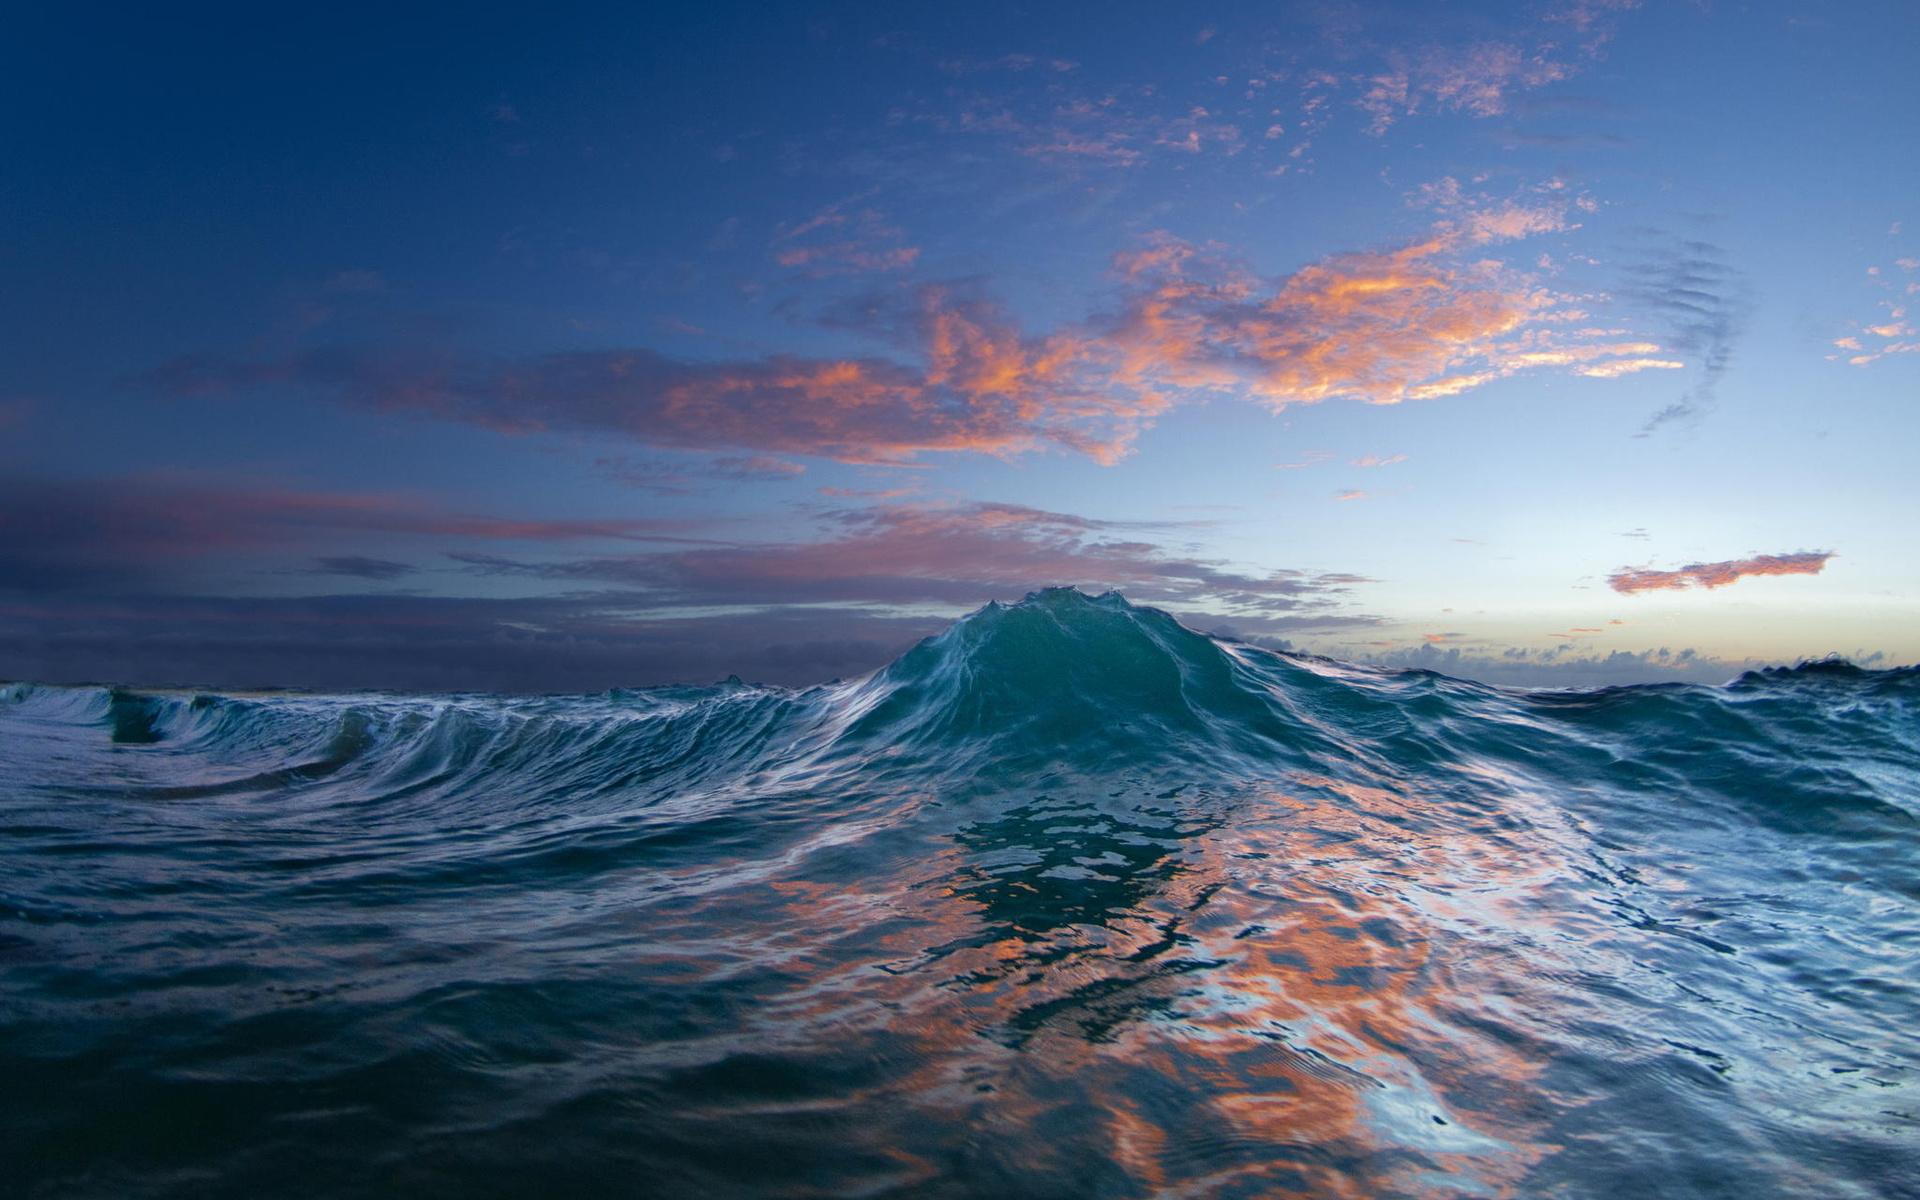 котором океан фото в высоком качестве на рабочий стол можно добиться